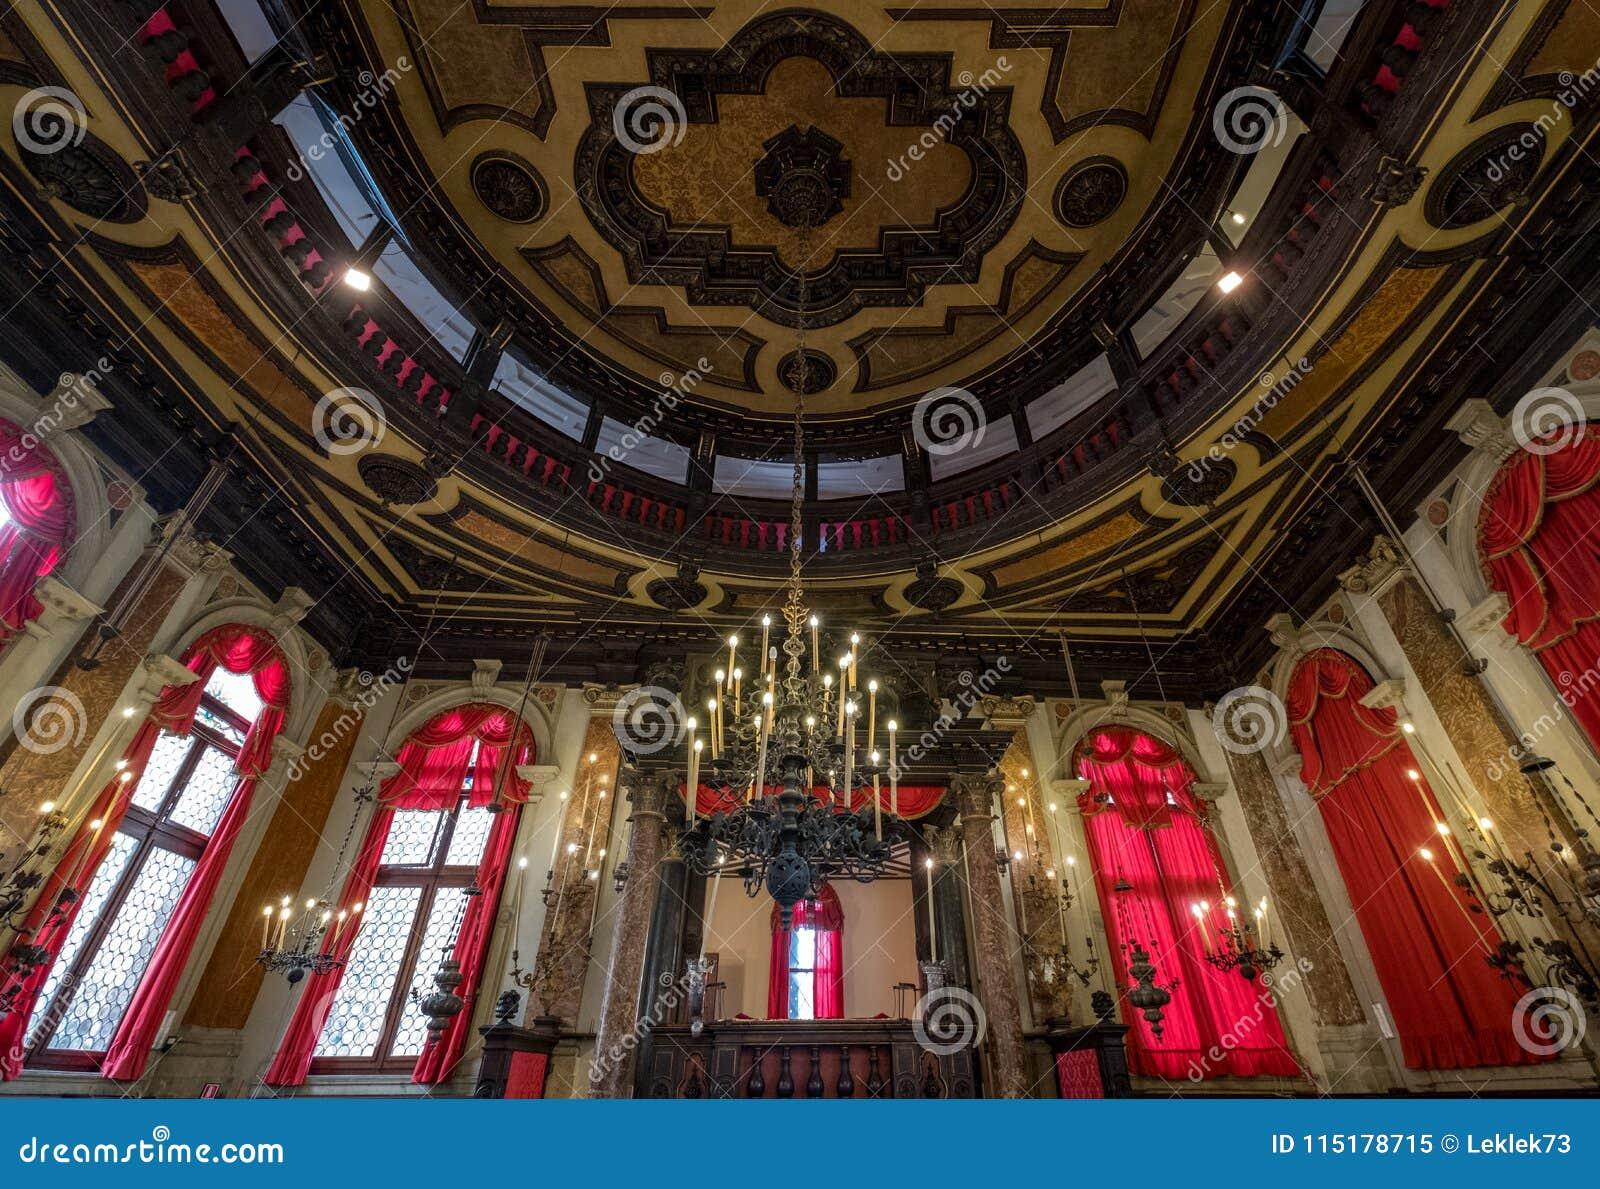 关闭历史的西班牙犹太教堂Schola Spagniola, Cannaregio,威尼斯的内部的看法